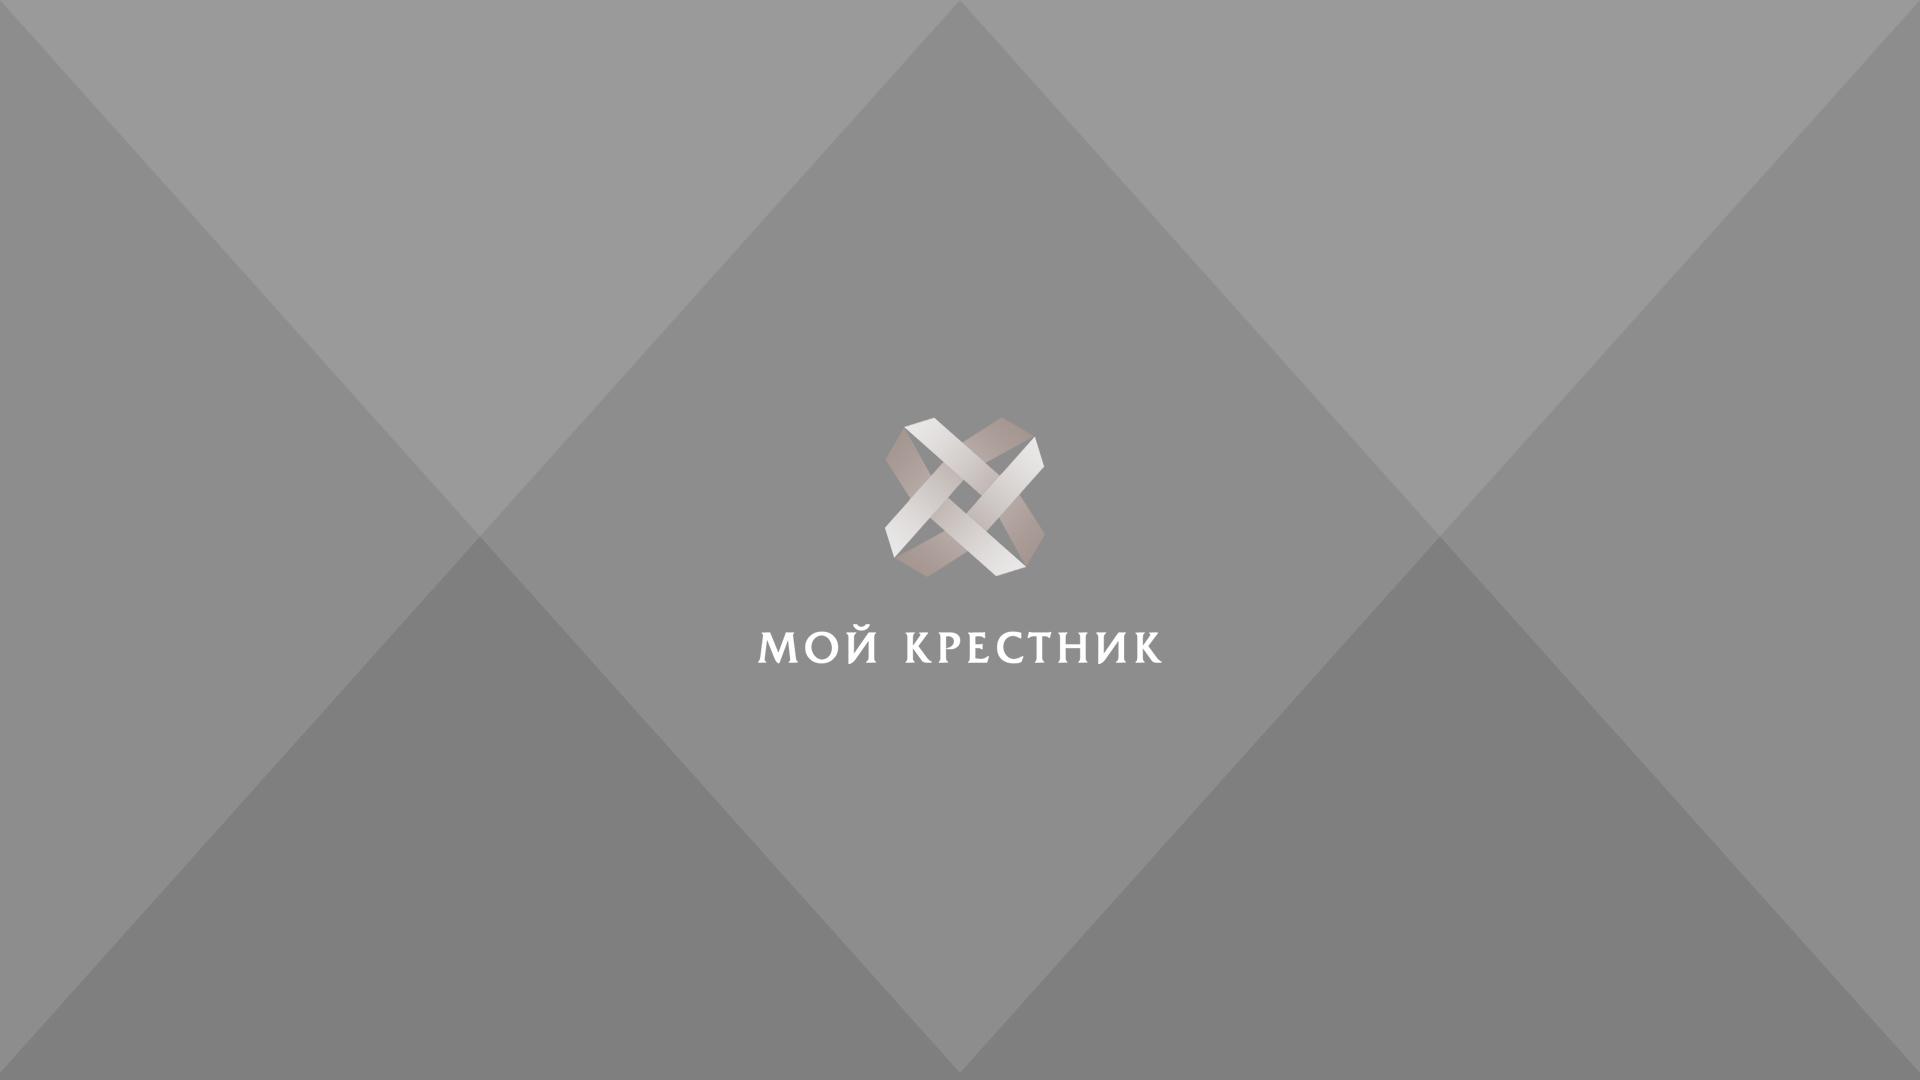 Логотип для крестильной одежды(детской). фото f_2015d56a564ec2e9.jpg